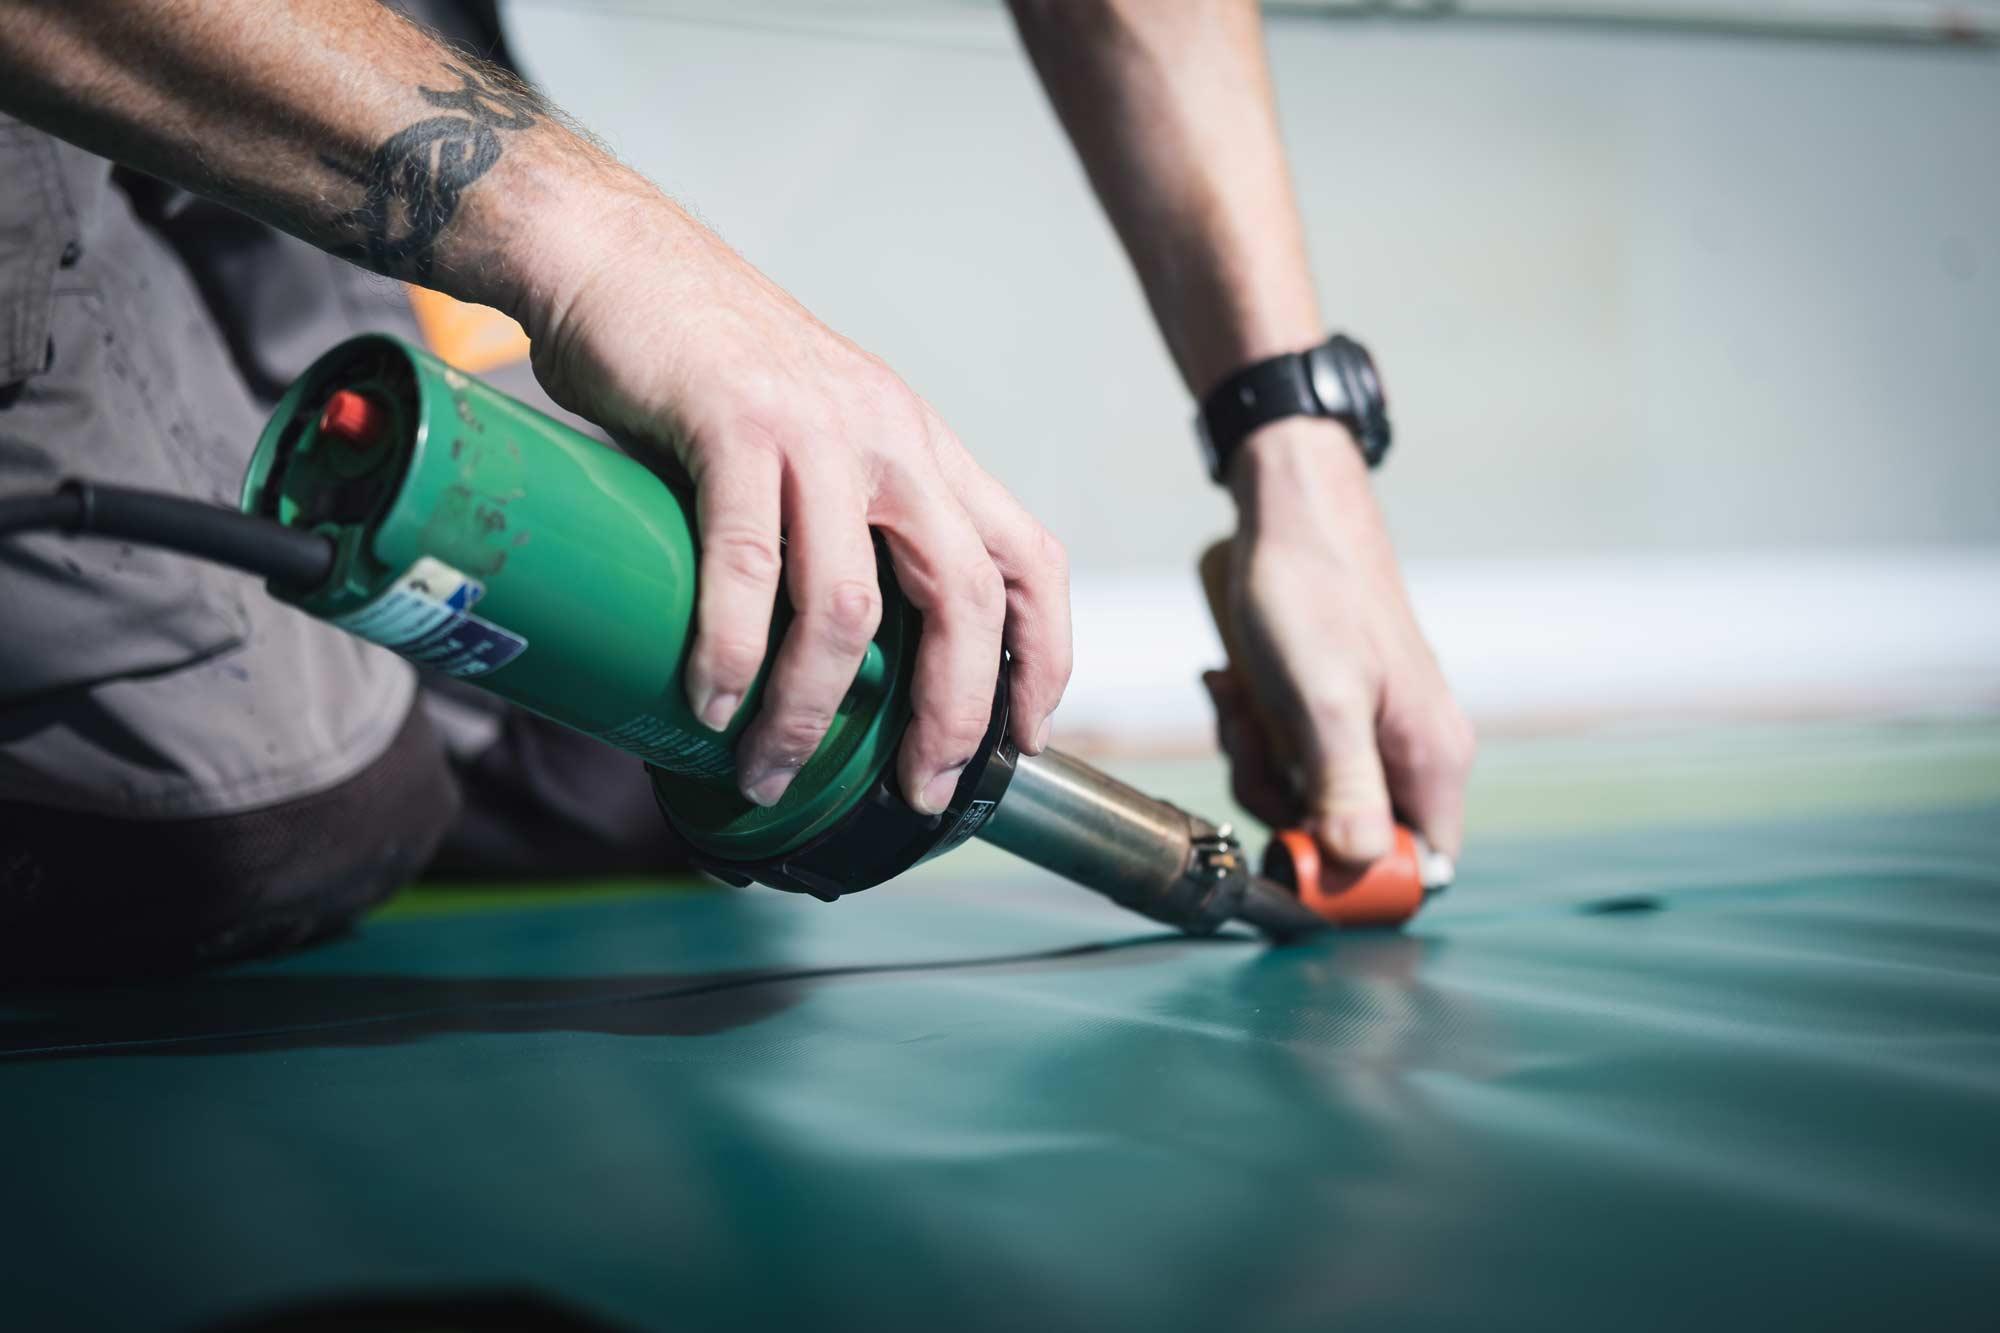 Hands-on craftsmanship in Cheddar